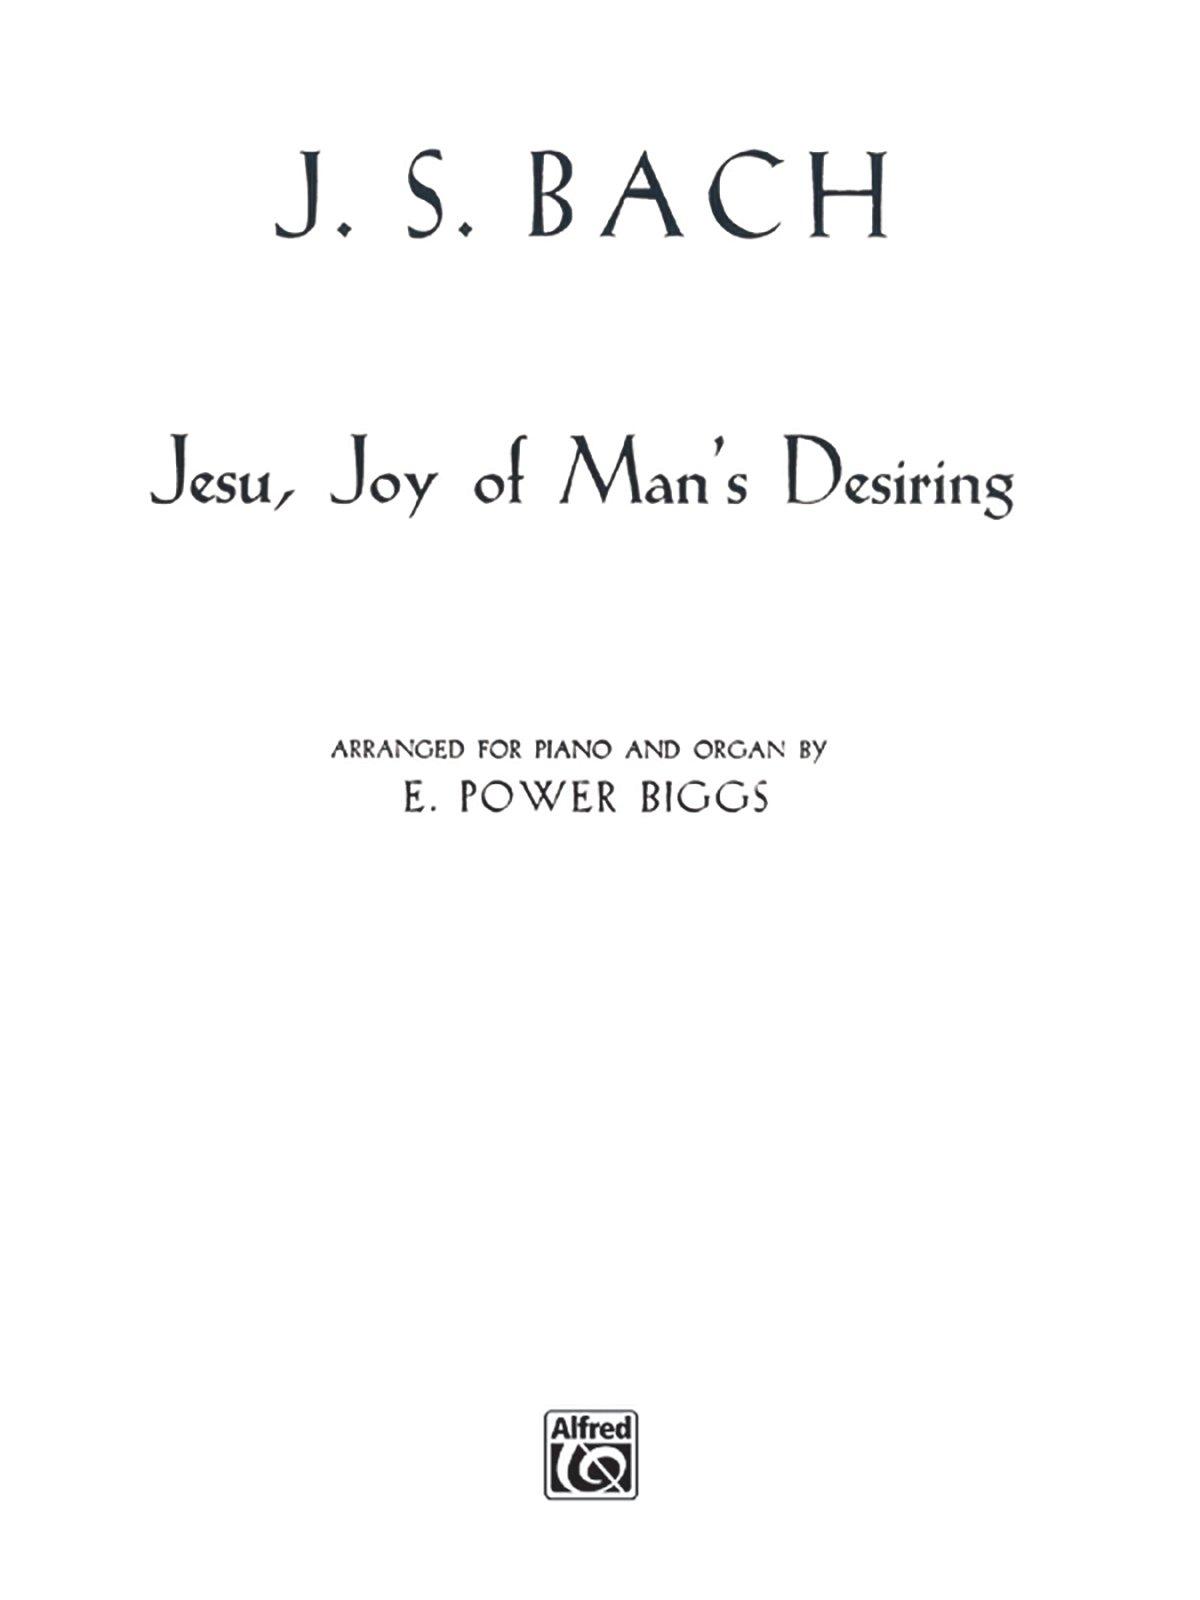 Jesu, Joy of Man's Desiring: Sheet (H. W. Gray) Sheet music – March 1, 1985